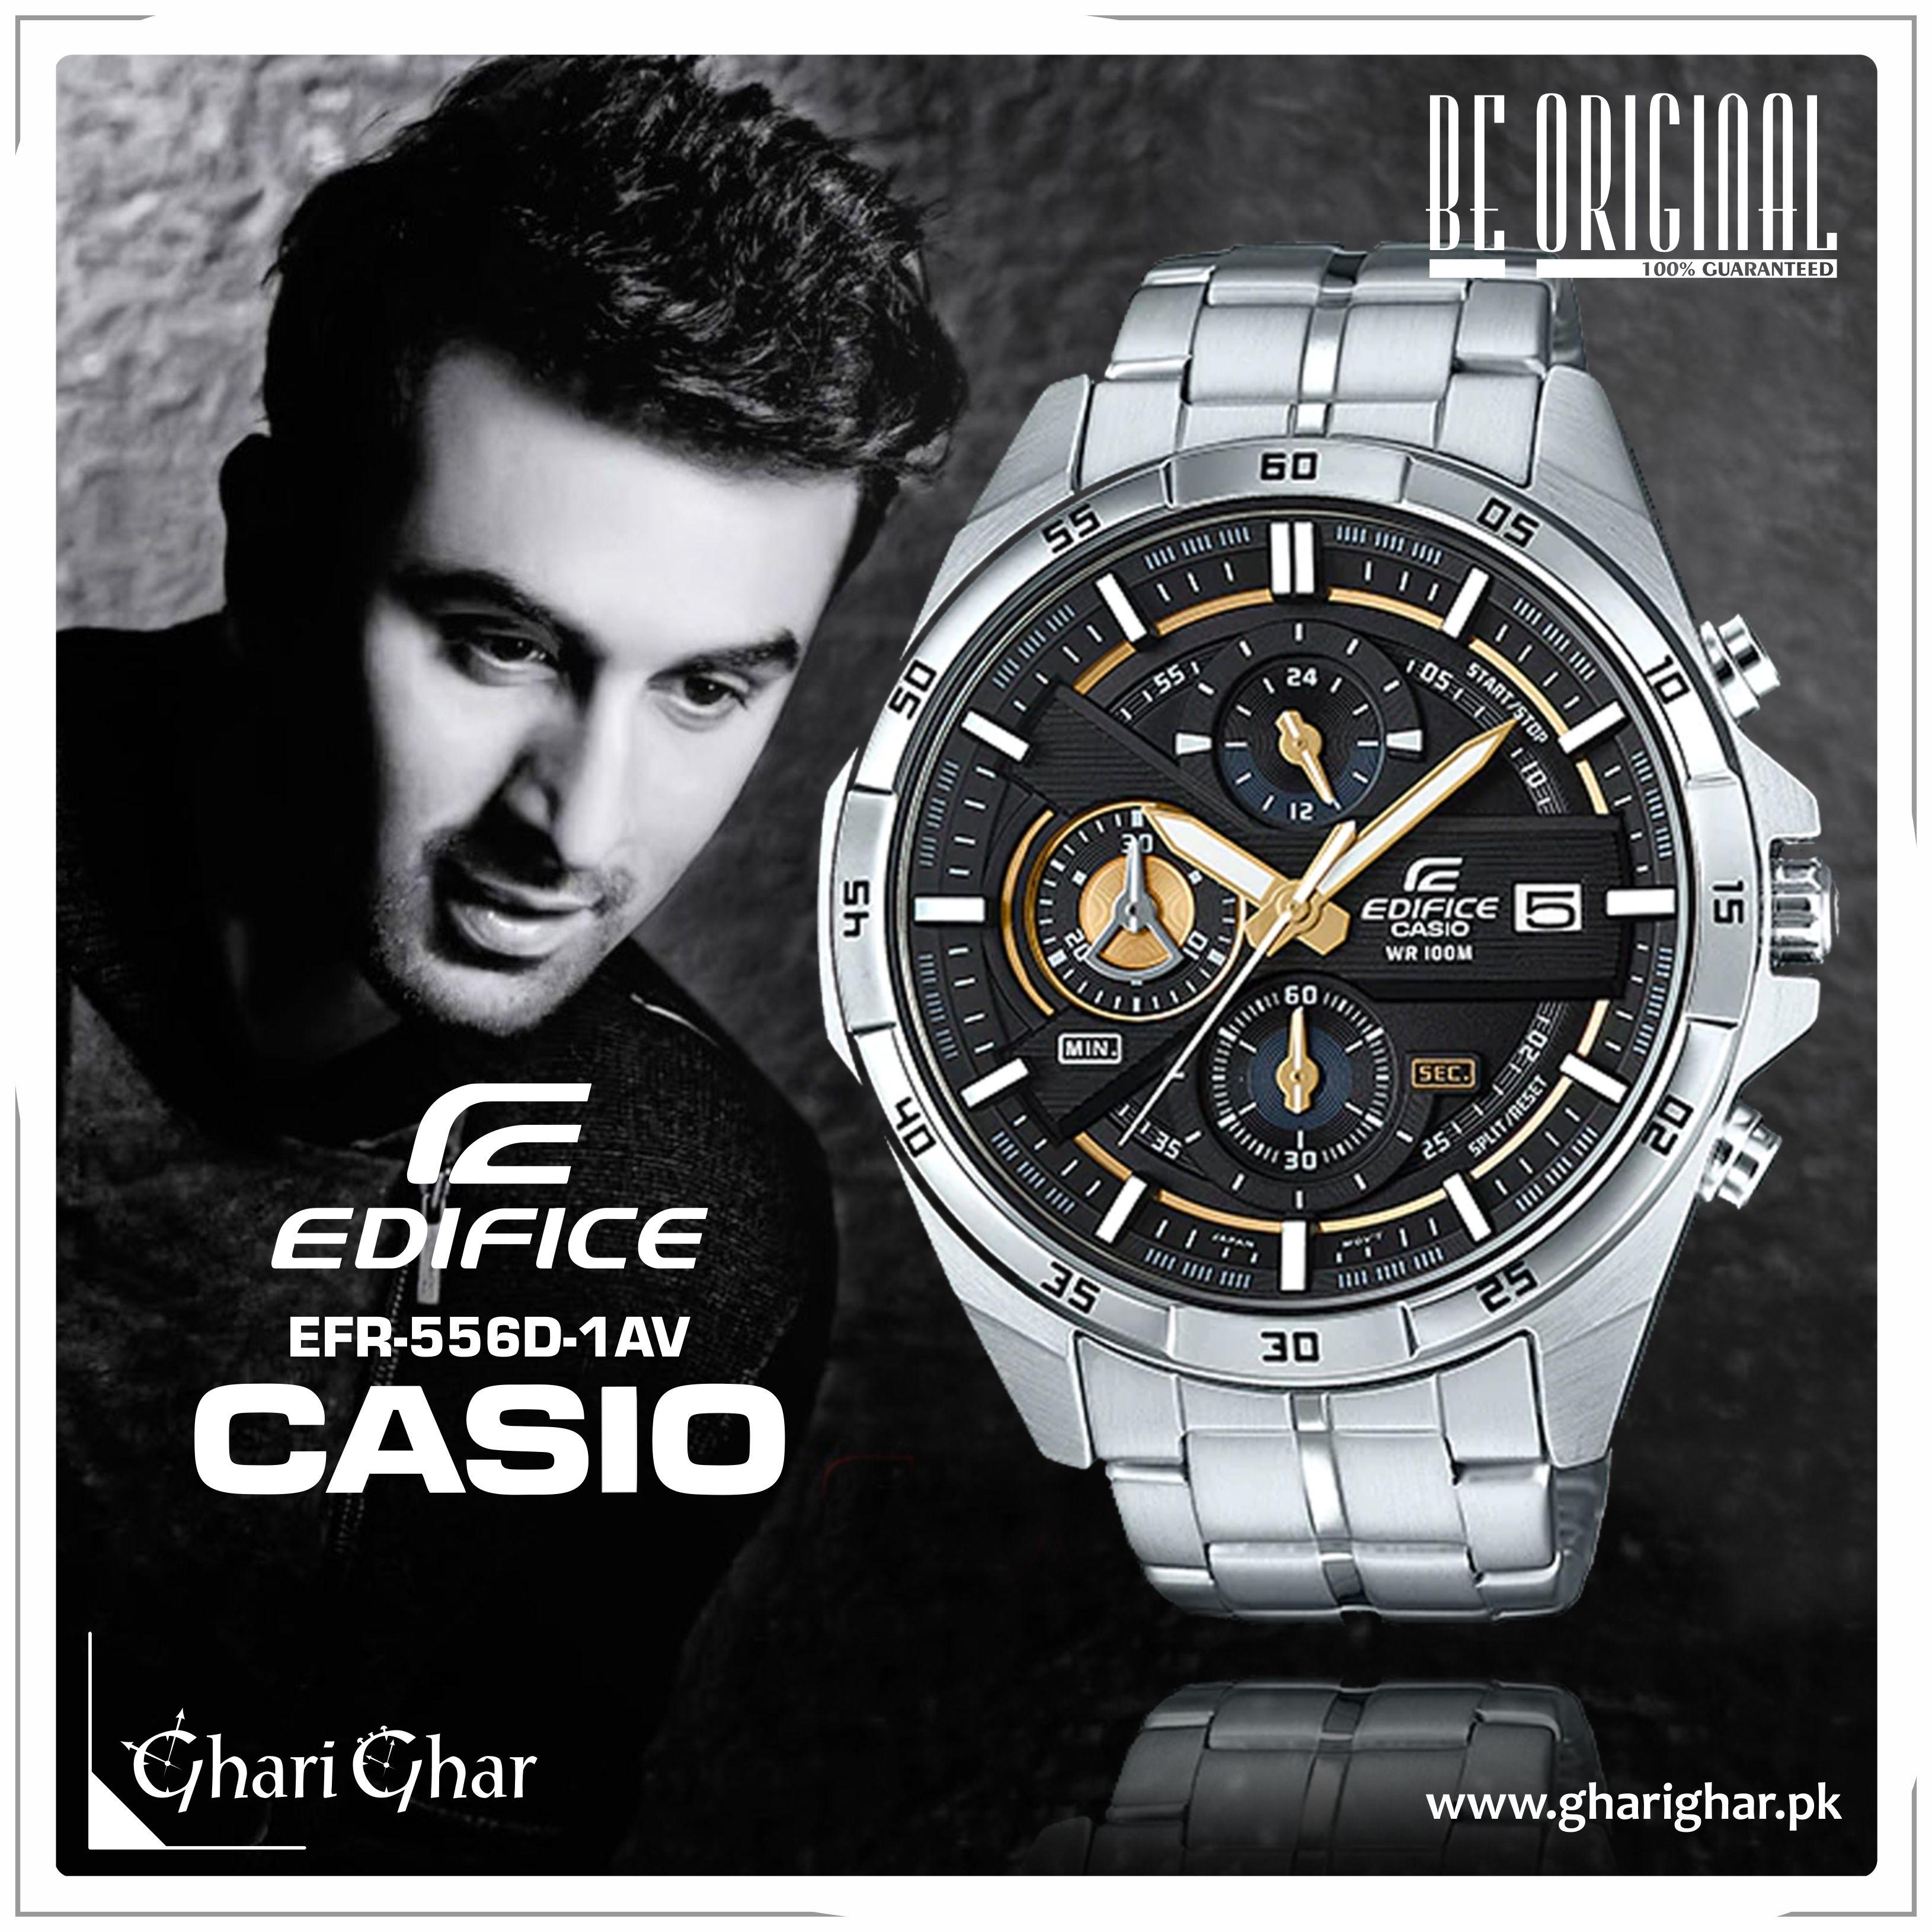 Efr 556d 1av | Casio protrek, Protrek, Watches